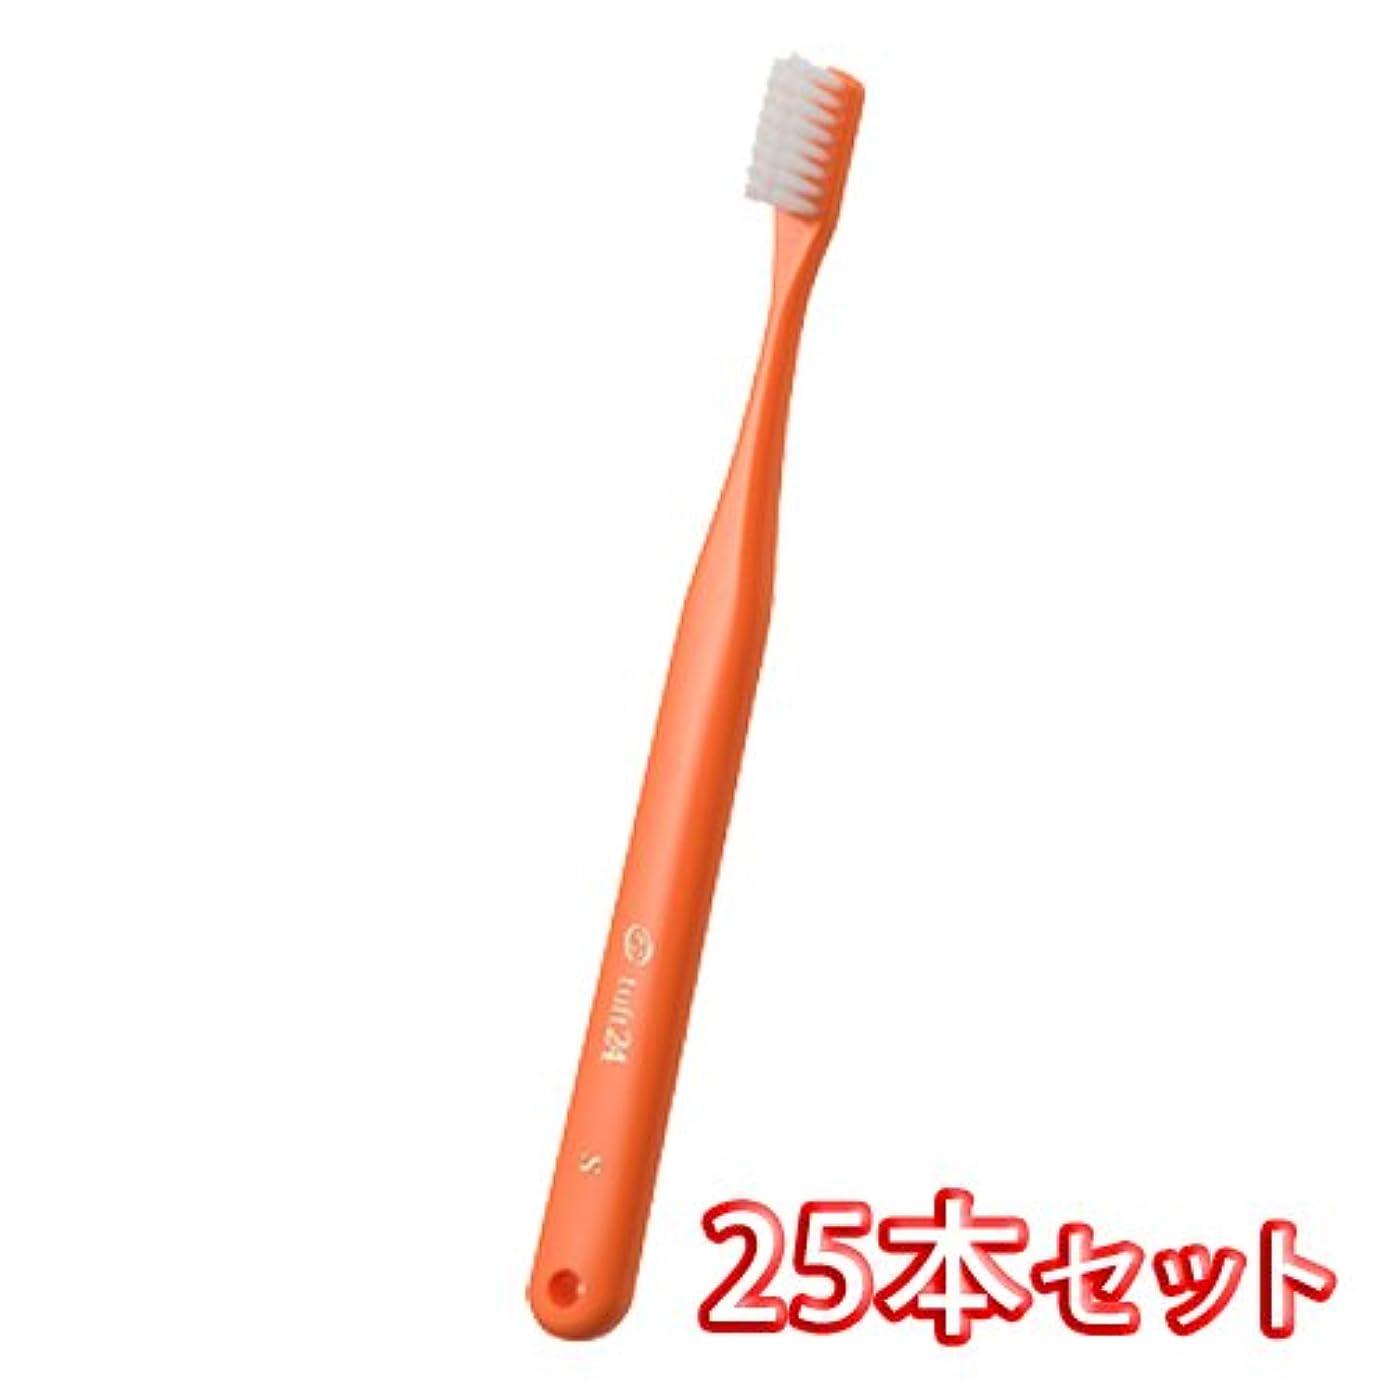 オーラルケア キャップ付き タフト 24歯ブラシ 25本入 ミディアム M (オレンジ)